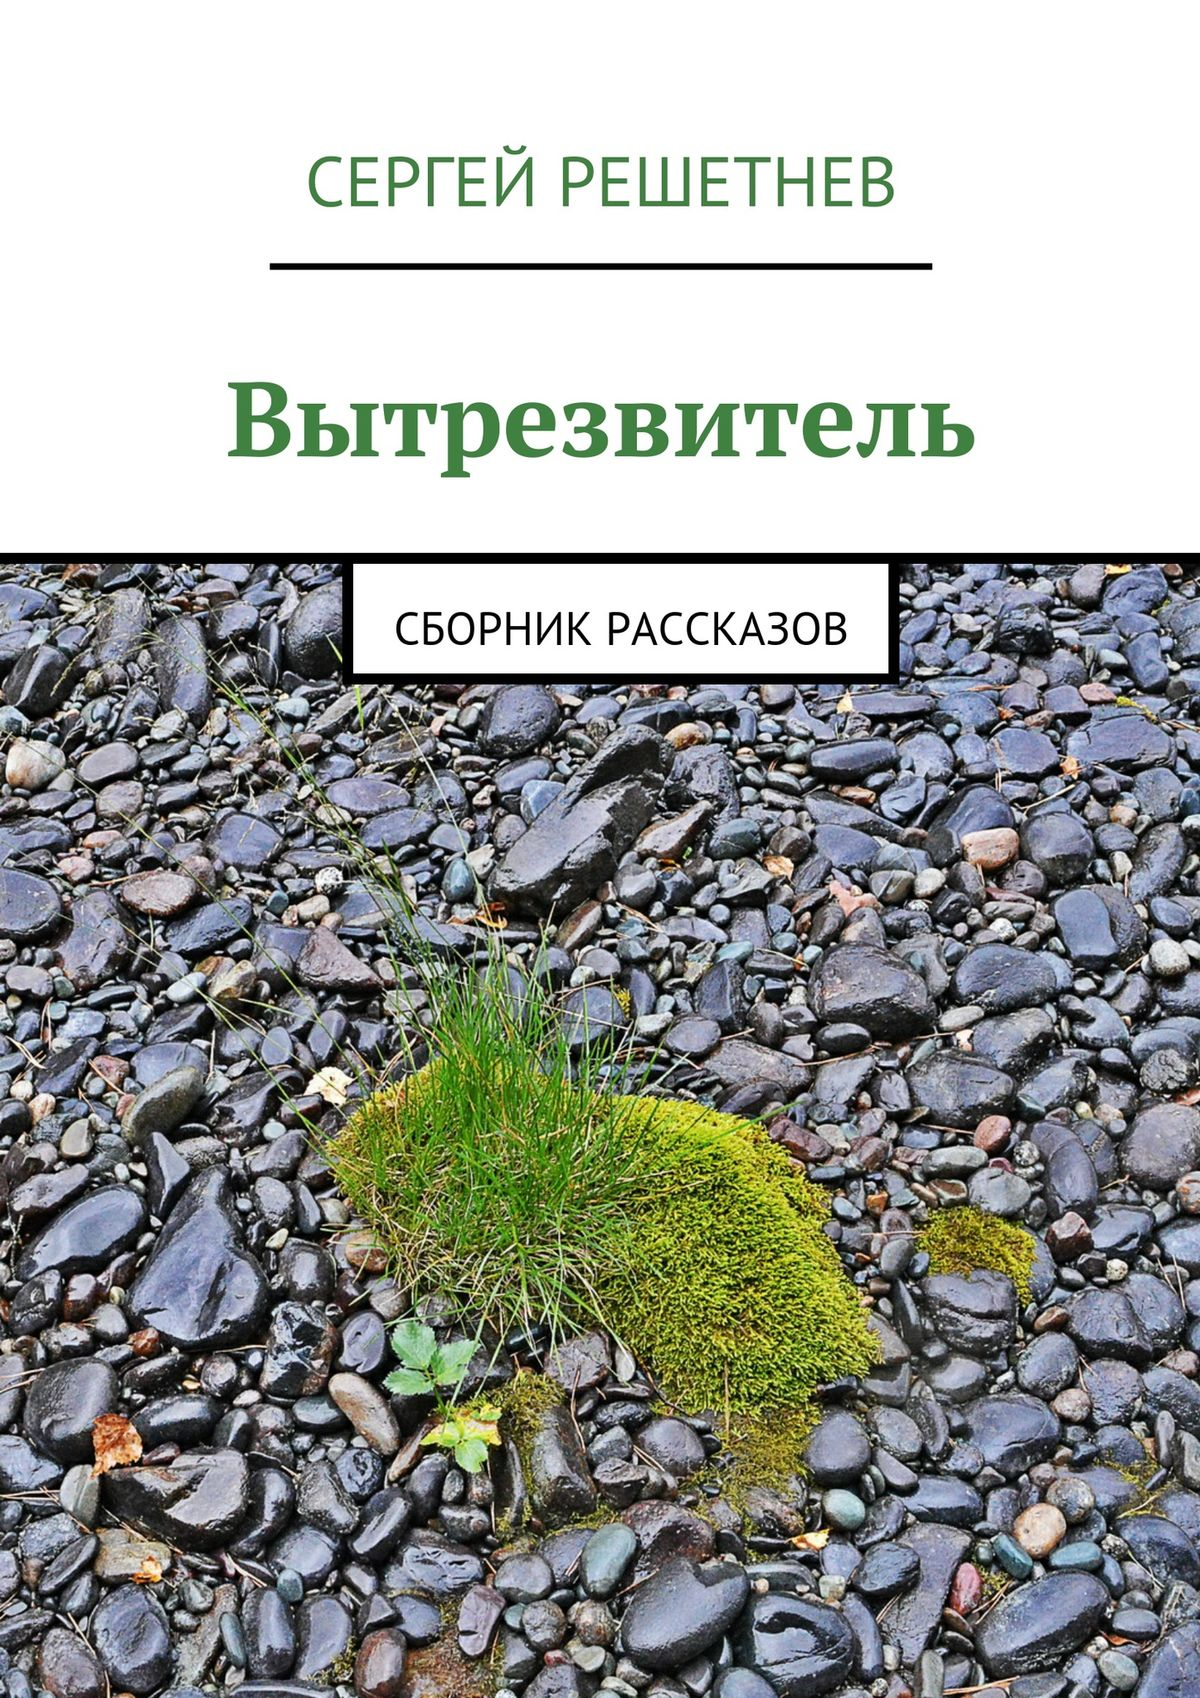 Сергей Решетнёв Вытрезвитель